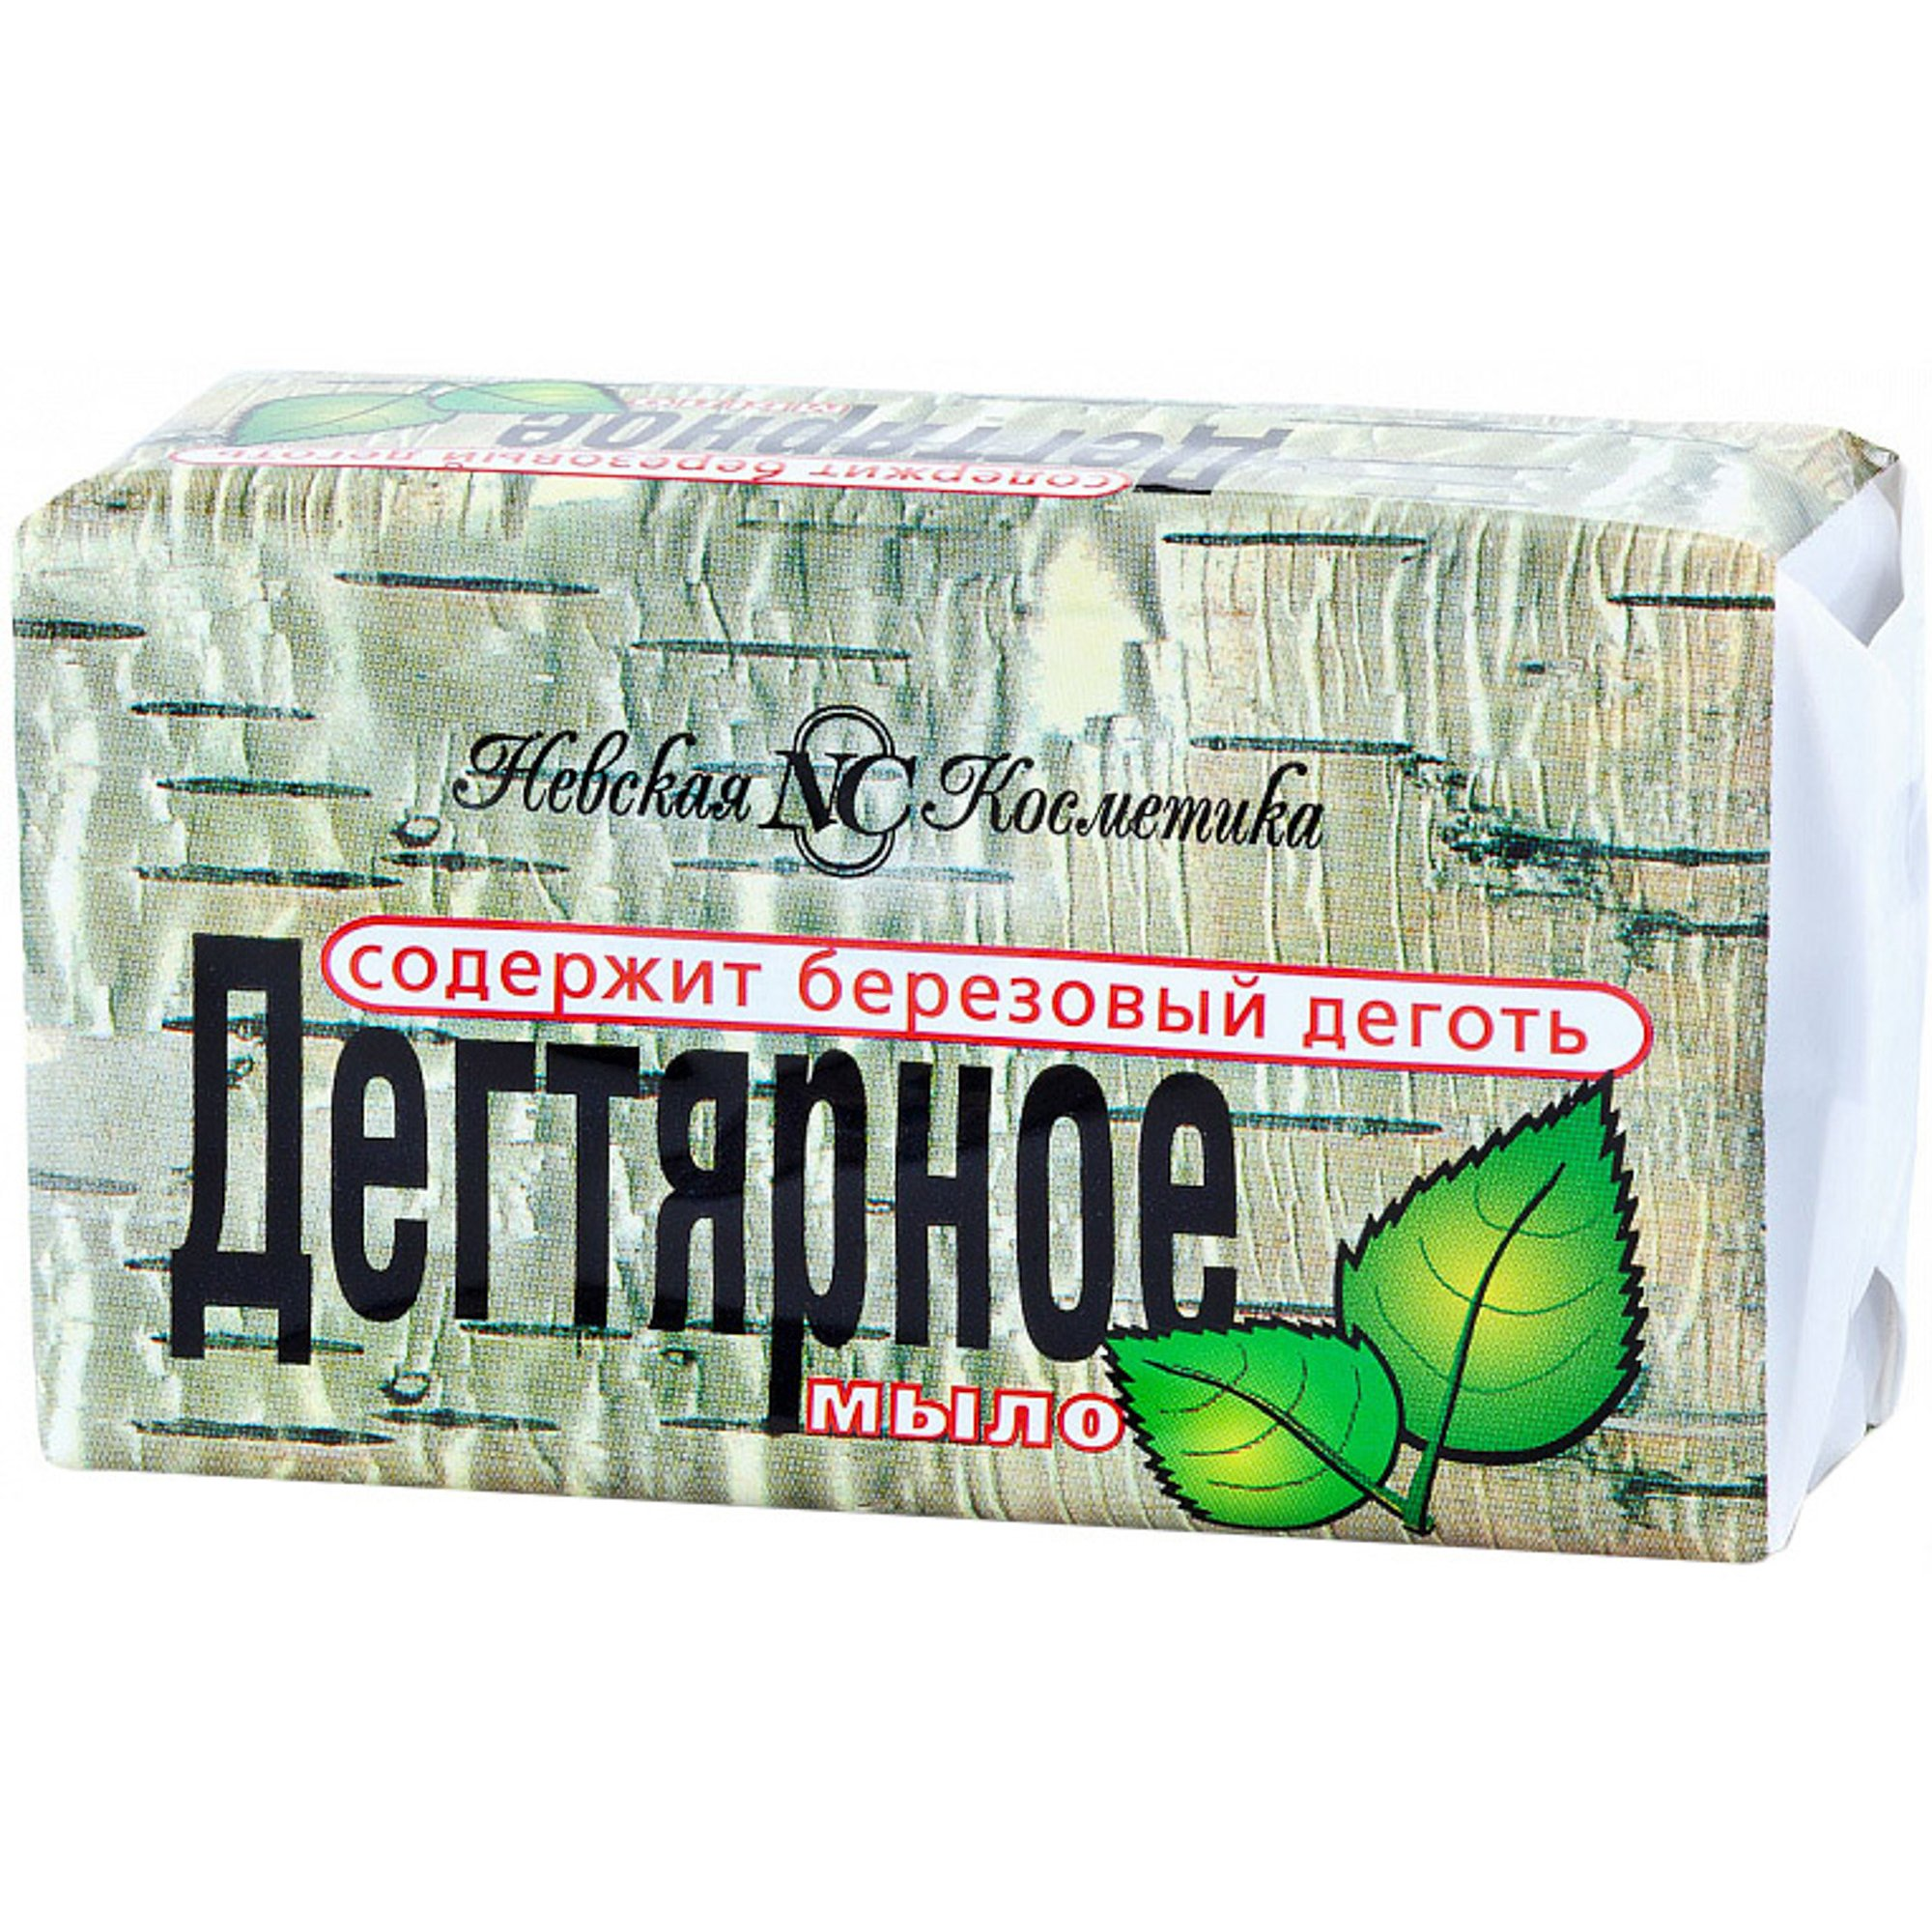 Birch Tar Soap, 3.52 oz/ 100 g